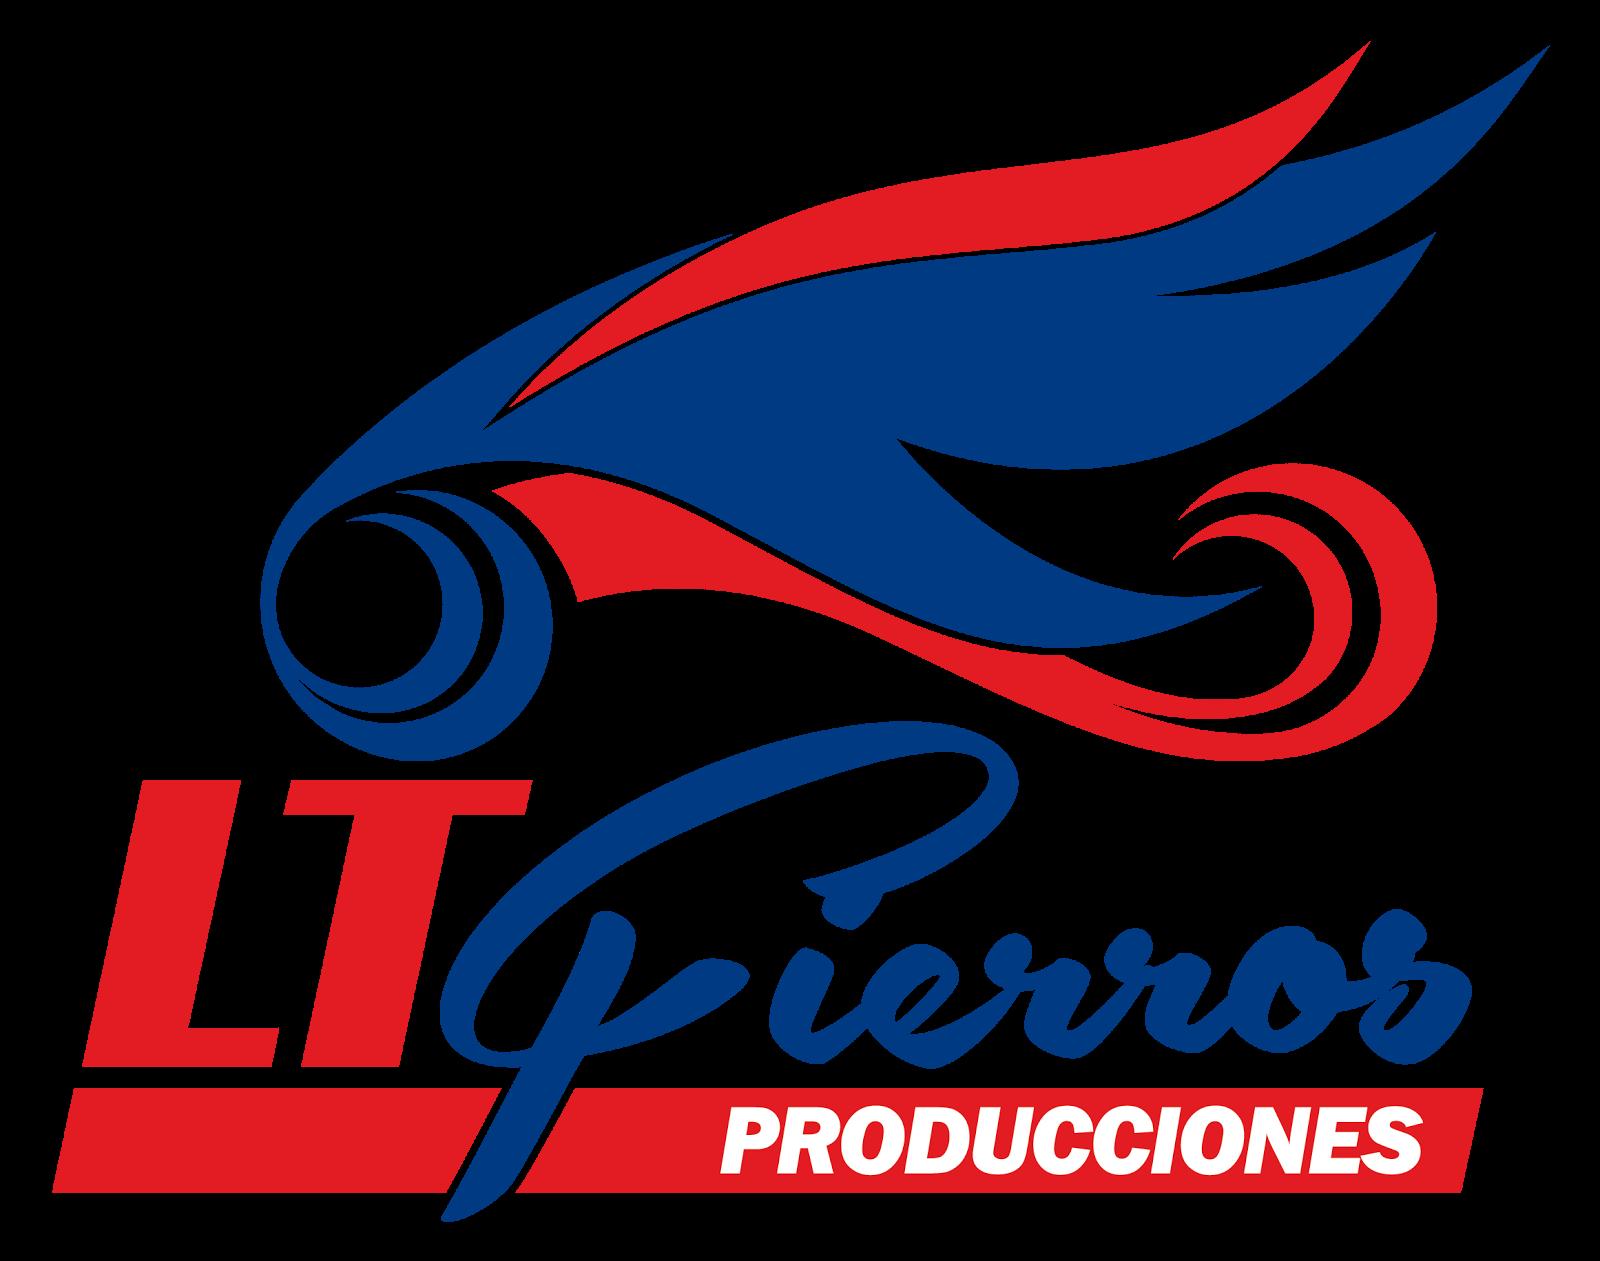 LT FIERROS PRODUCCIONES